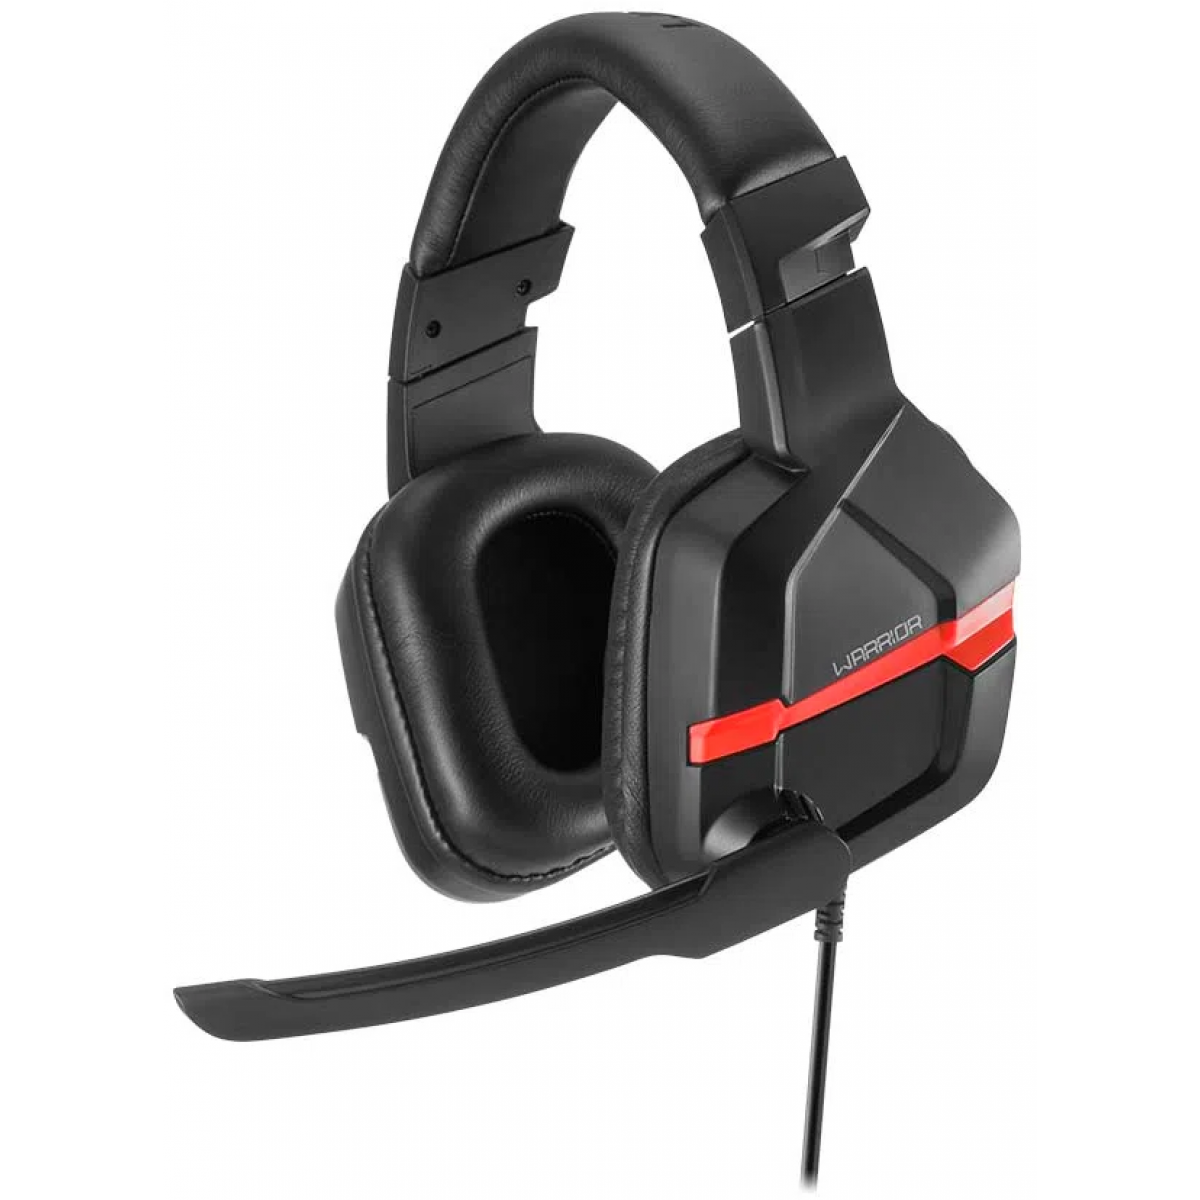 Headset Gamer Warrior Askari Stereo, Red, PH293